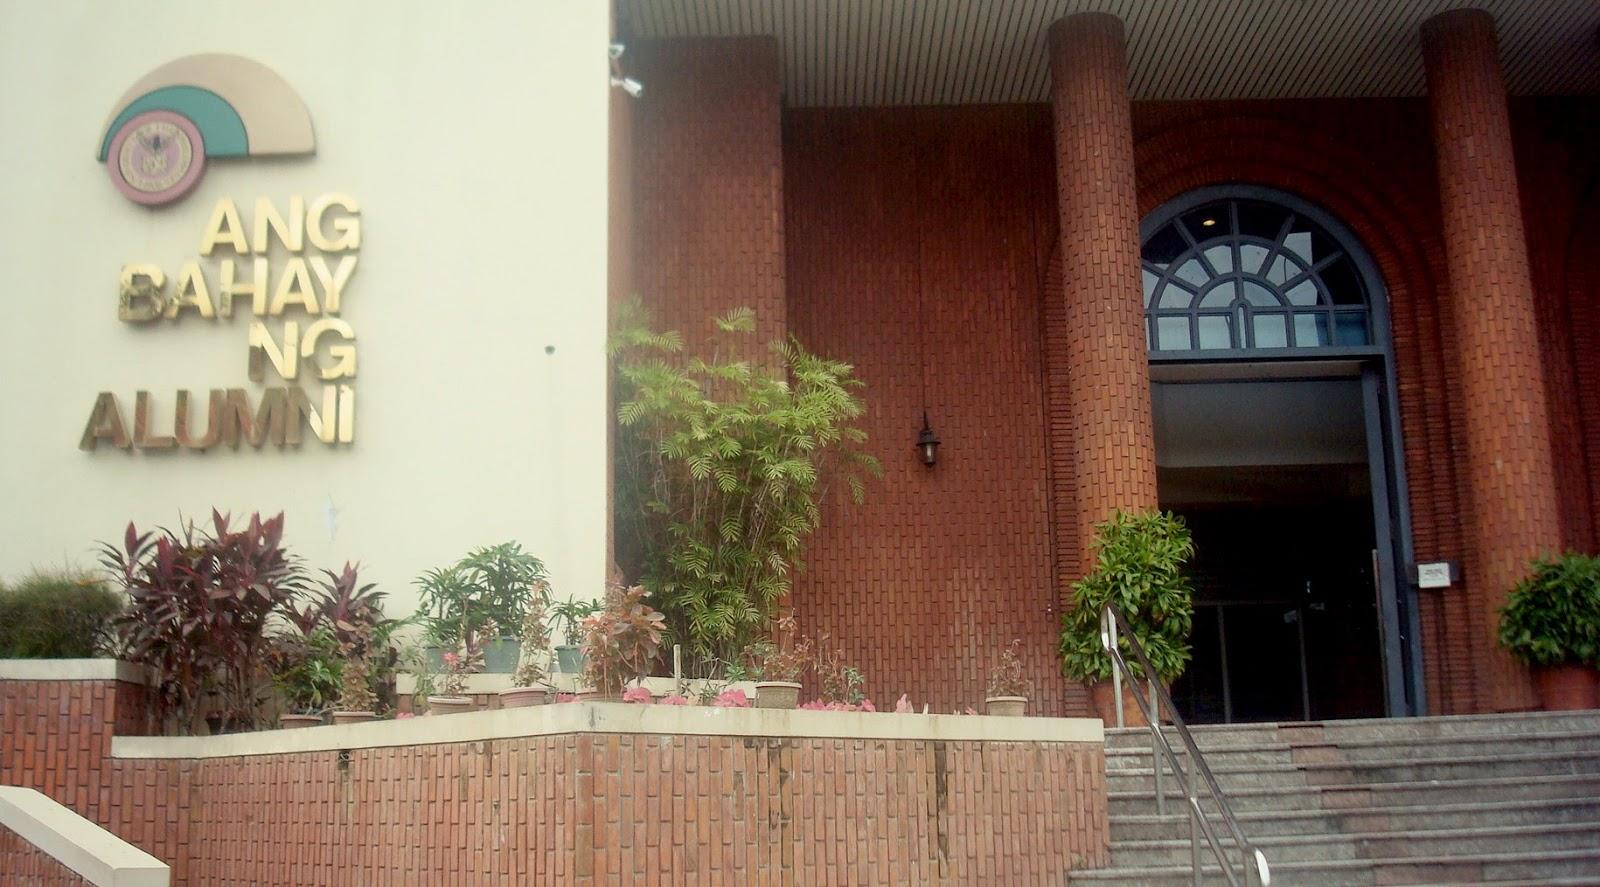 Restaurant Of Choice at UP Bahay Ng Alumni